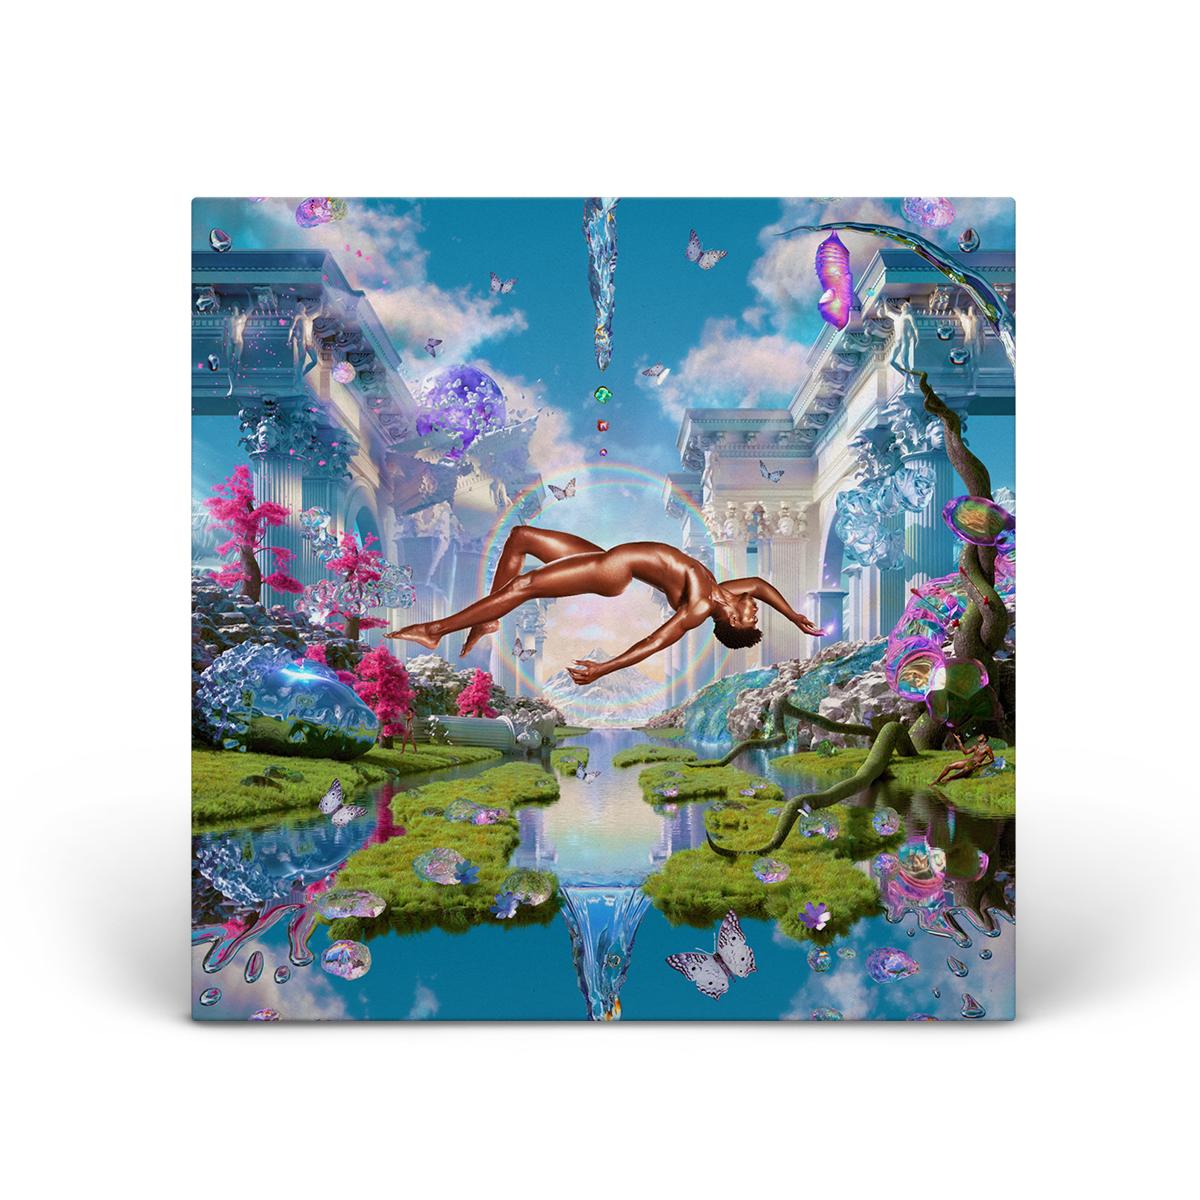 MONTERO [Full Album] Digital Download